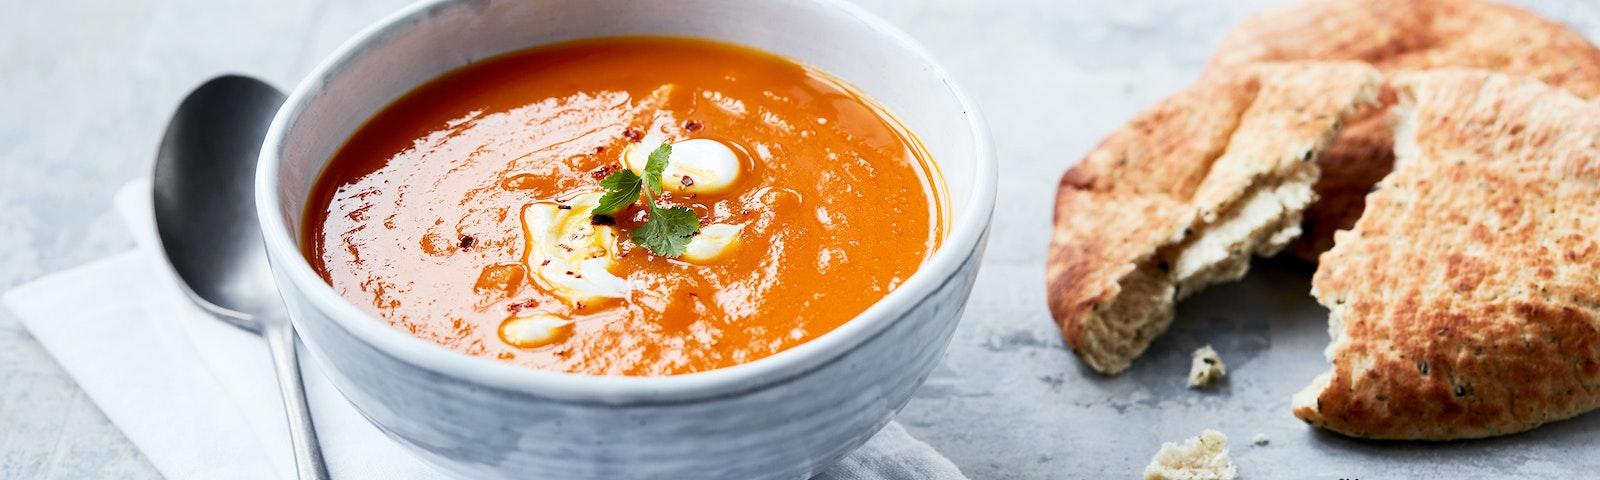 Morotssoppa med chili